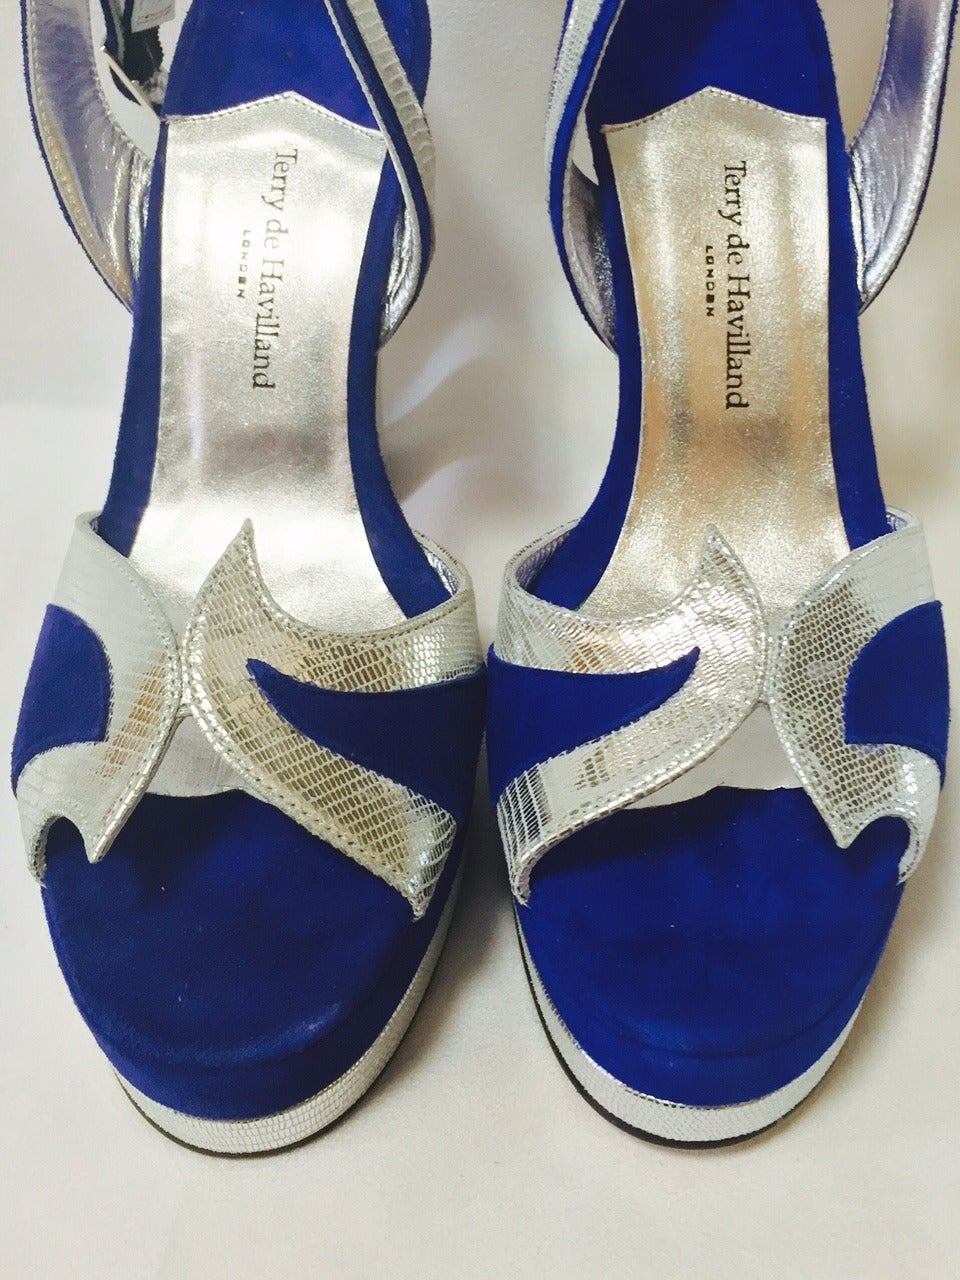 New Terry de Havilland Blue Suede Platform Stacked High Heel Sandals 4